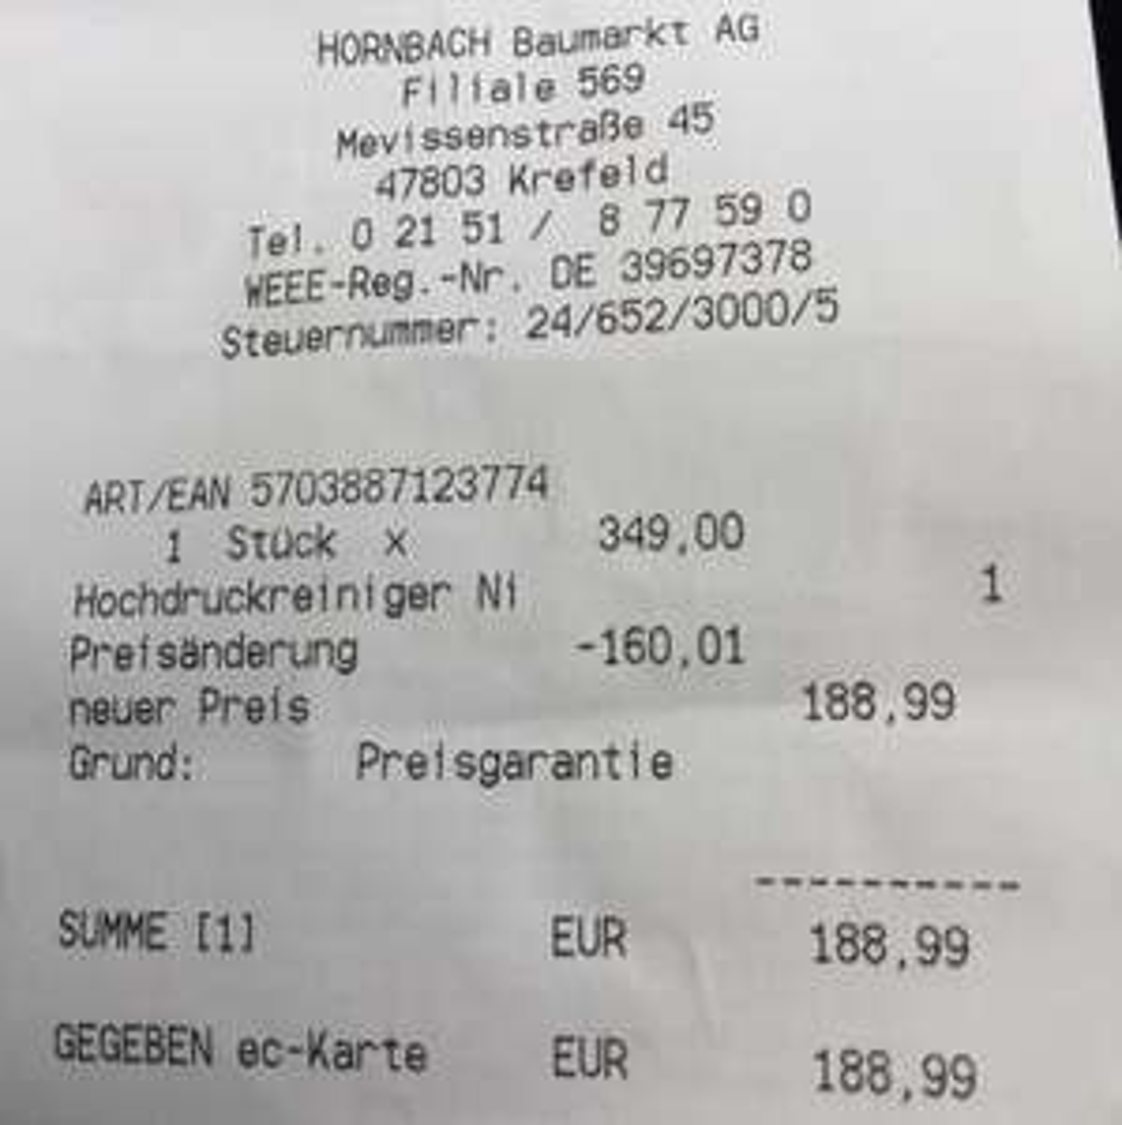 Abgelaufen Lokal Krefeld Düsseldorf Nilfisk Hochdruckreiniger D-PG 140.4-9 X-tra mit Preisgarantie